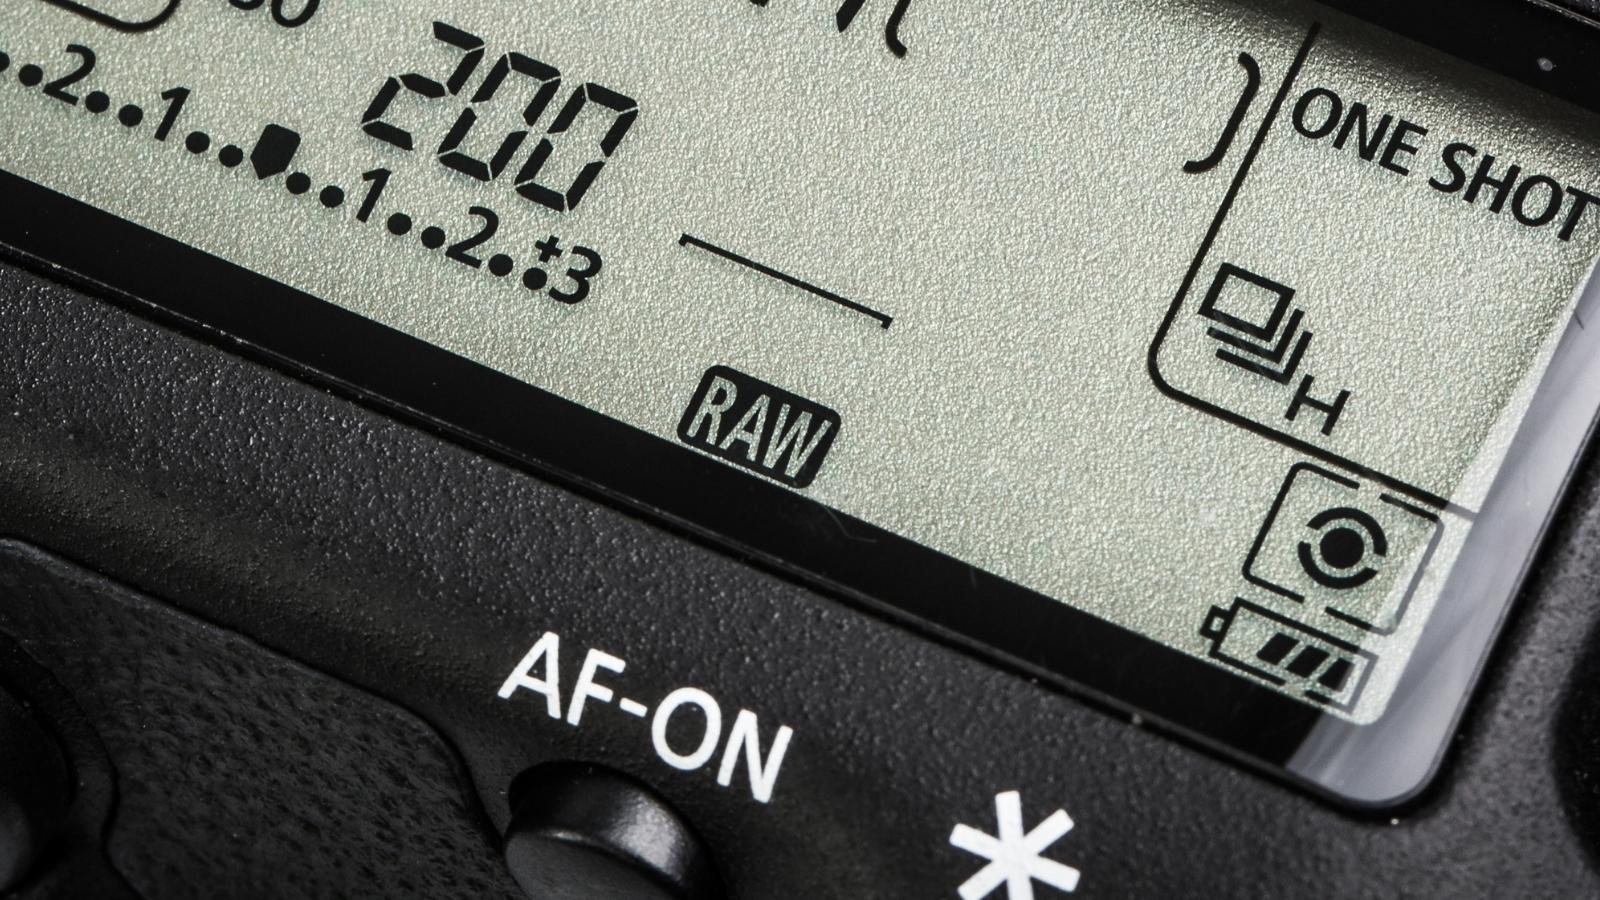 JPEG vagy RAW formátum? Melyiket válasszam? - Nextfoto